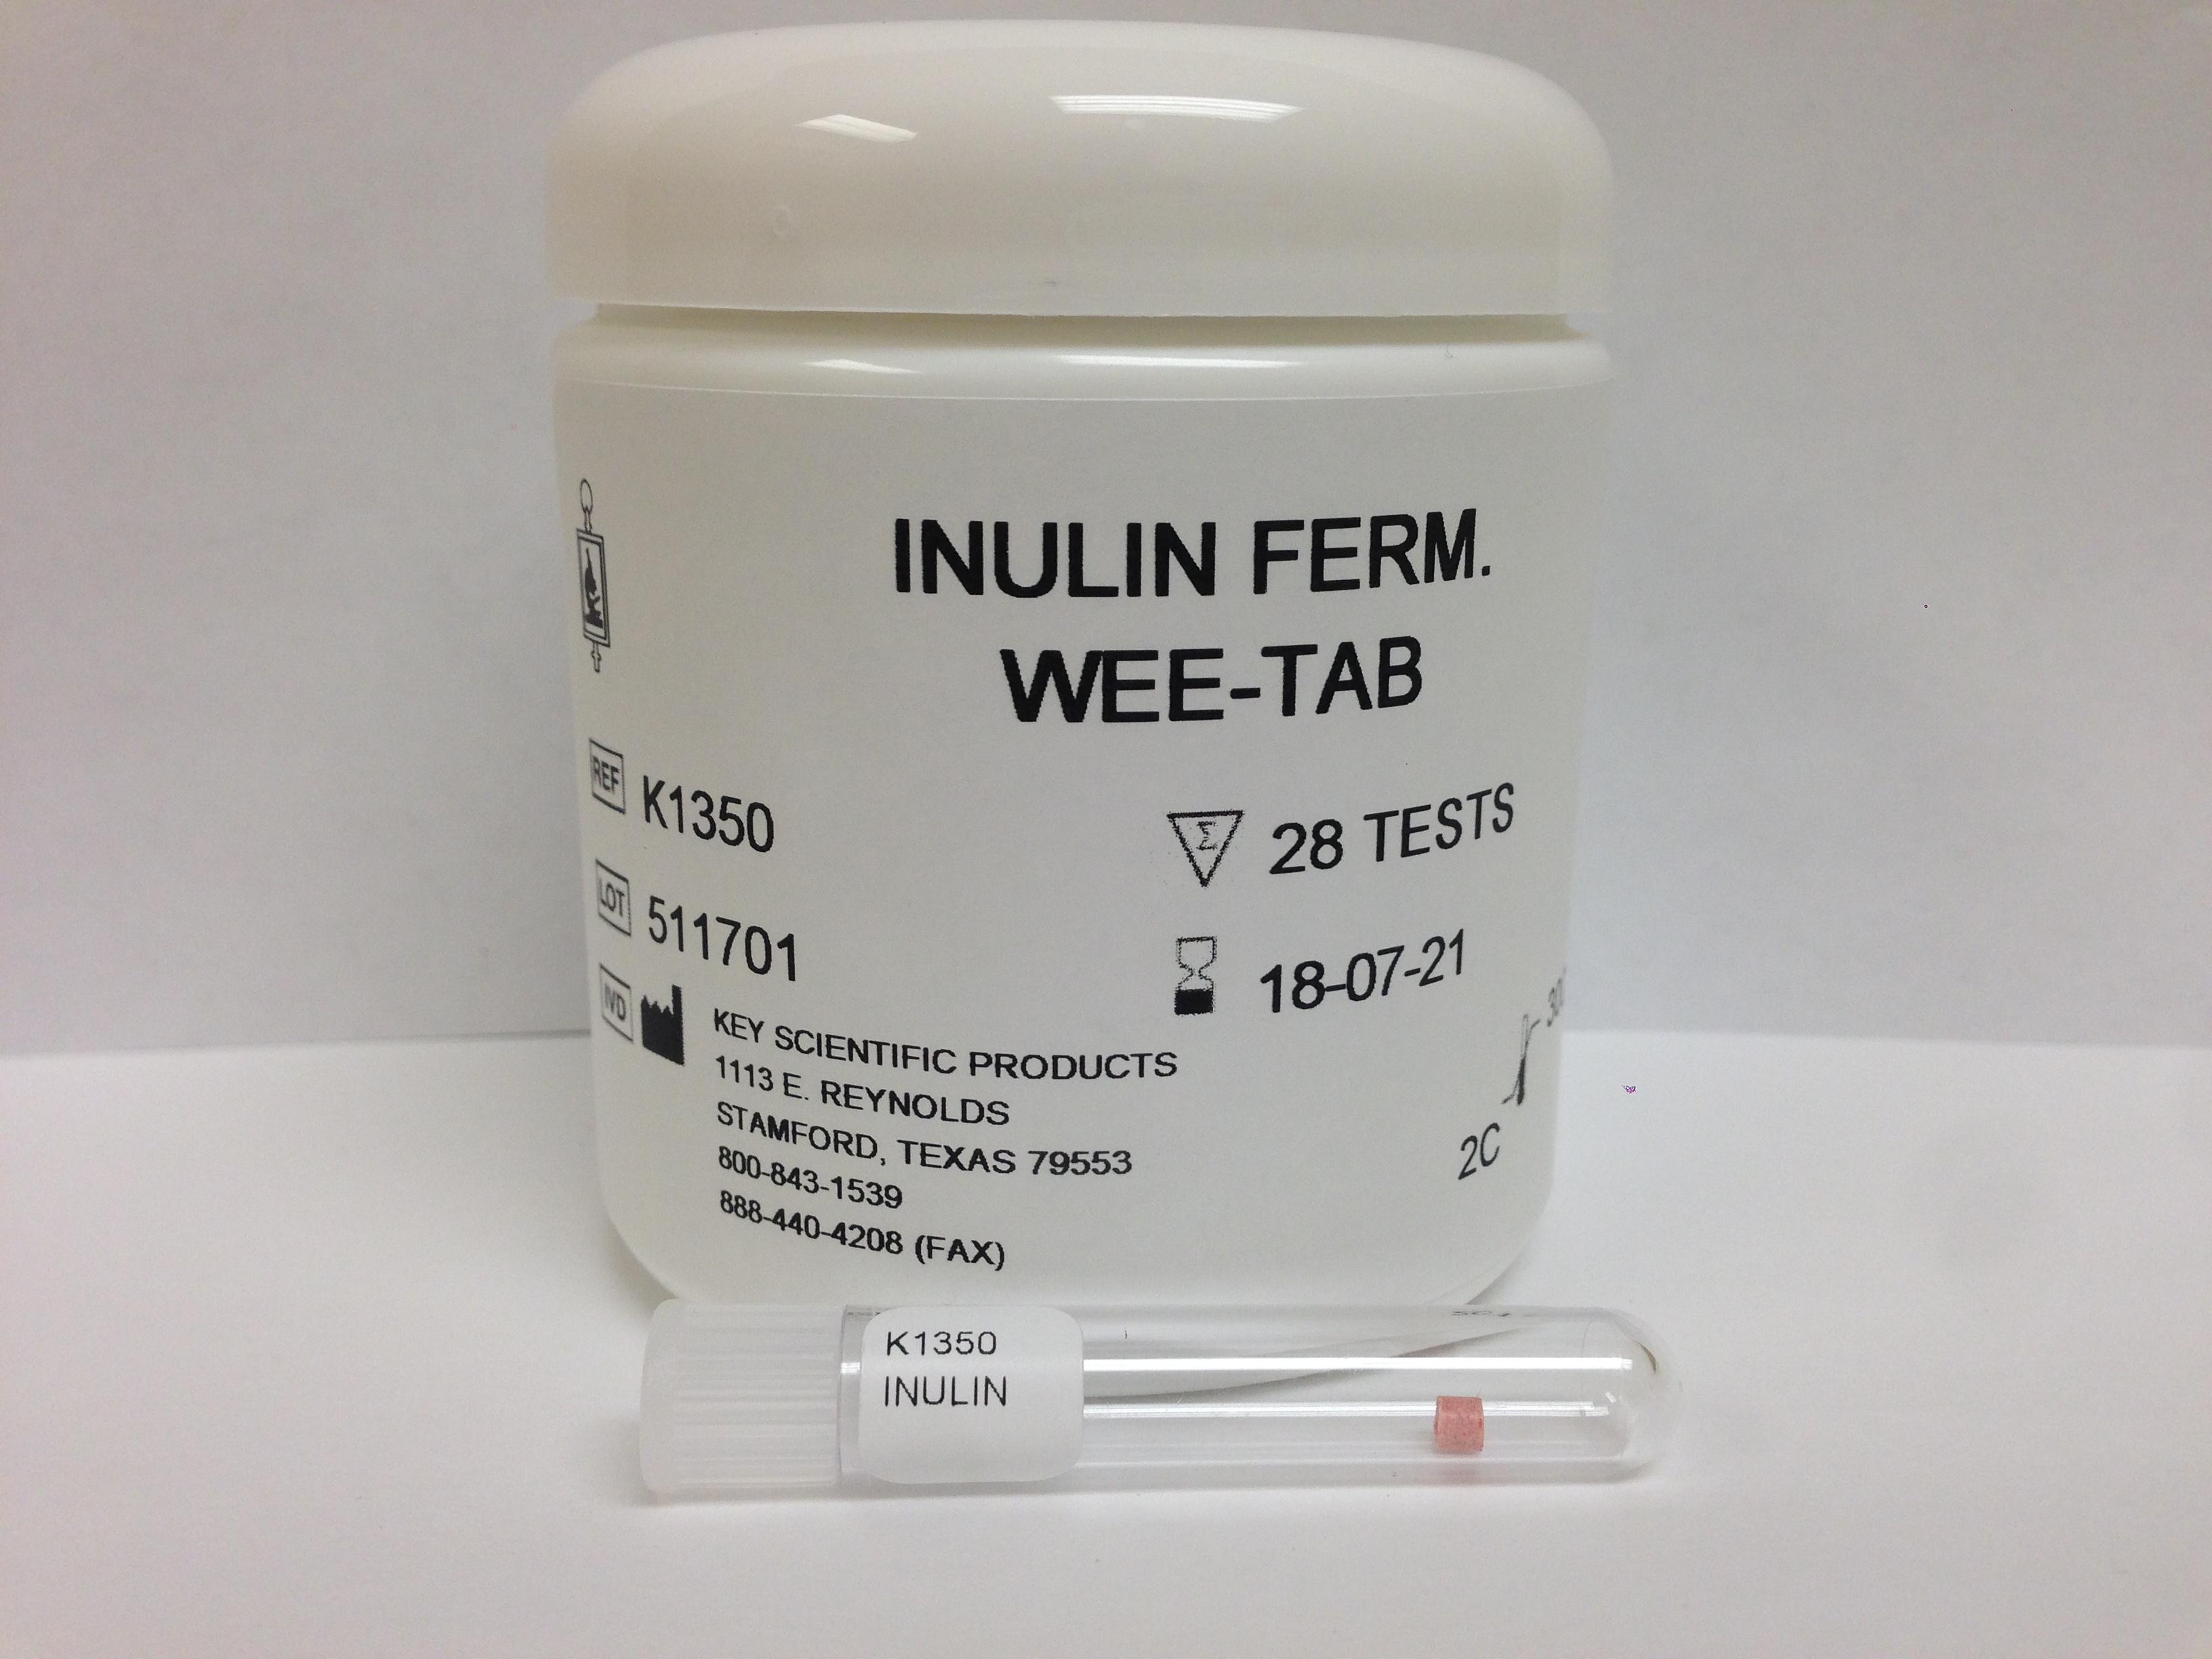 WEE-TAB INULIN FERMENTATION